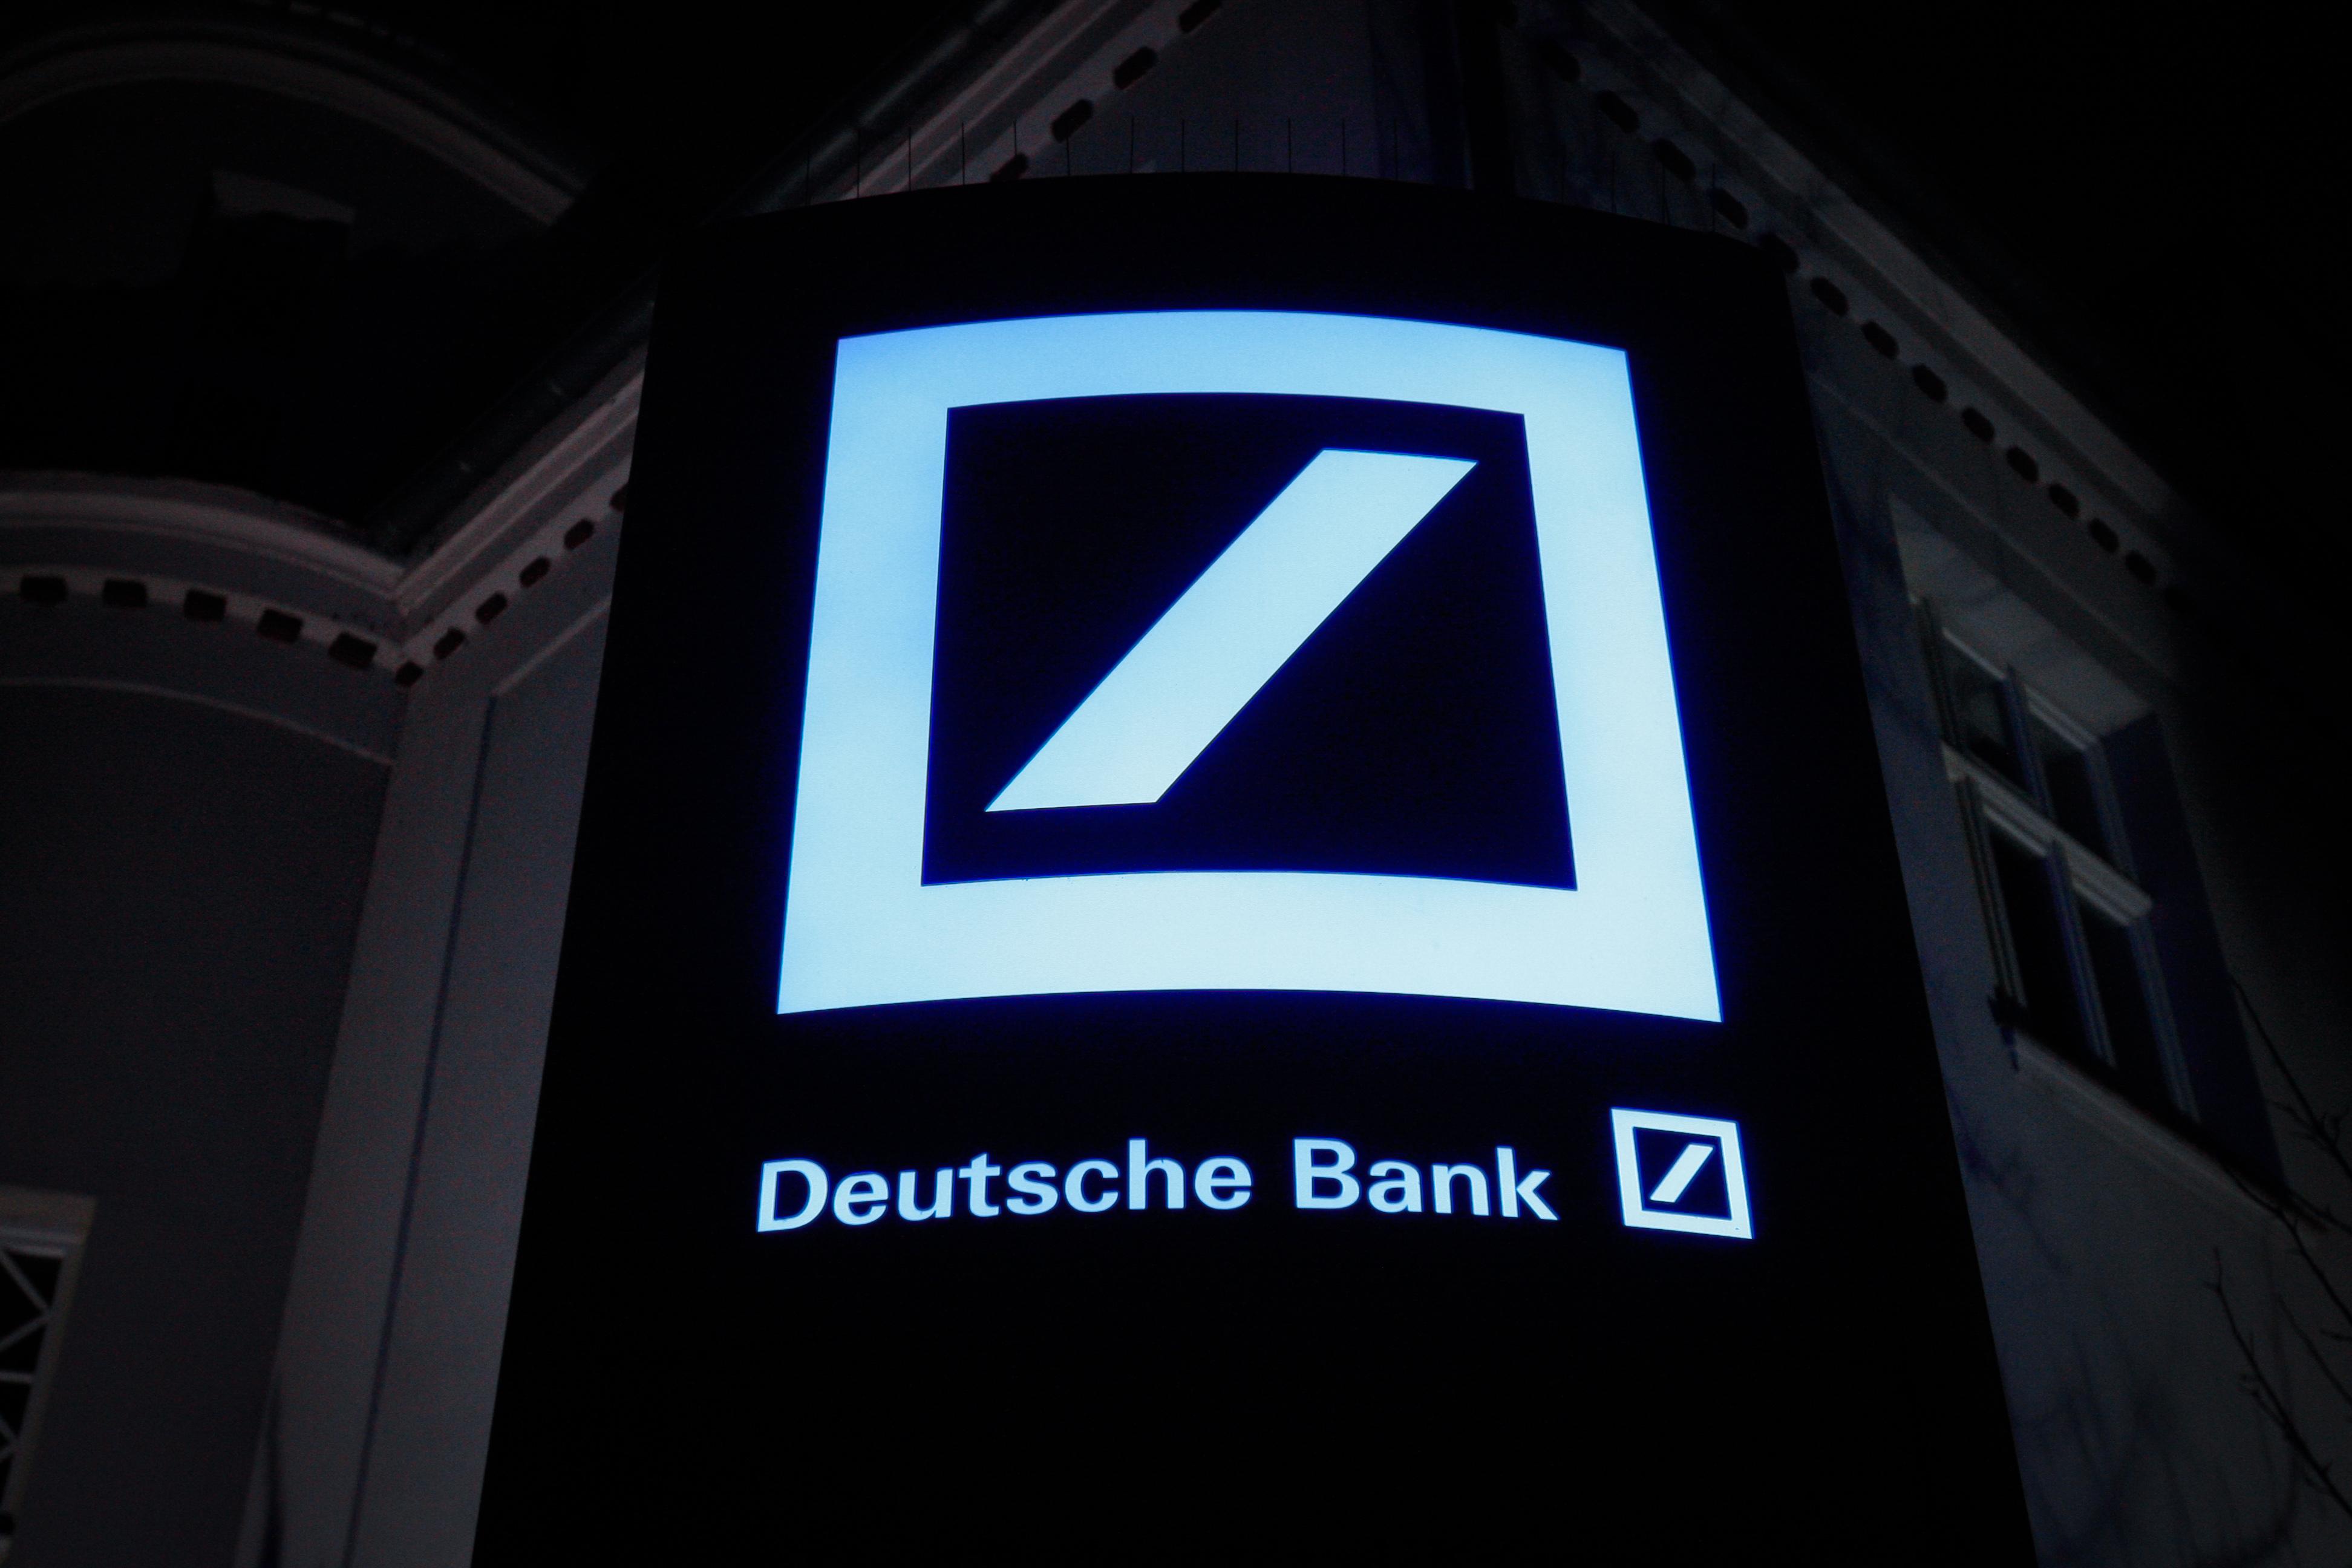 A német rendőrség a Panama-iratok nyomán razziát tartott a Deutsche Bank irodáiban